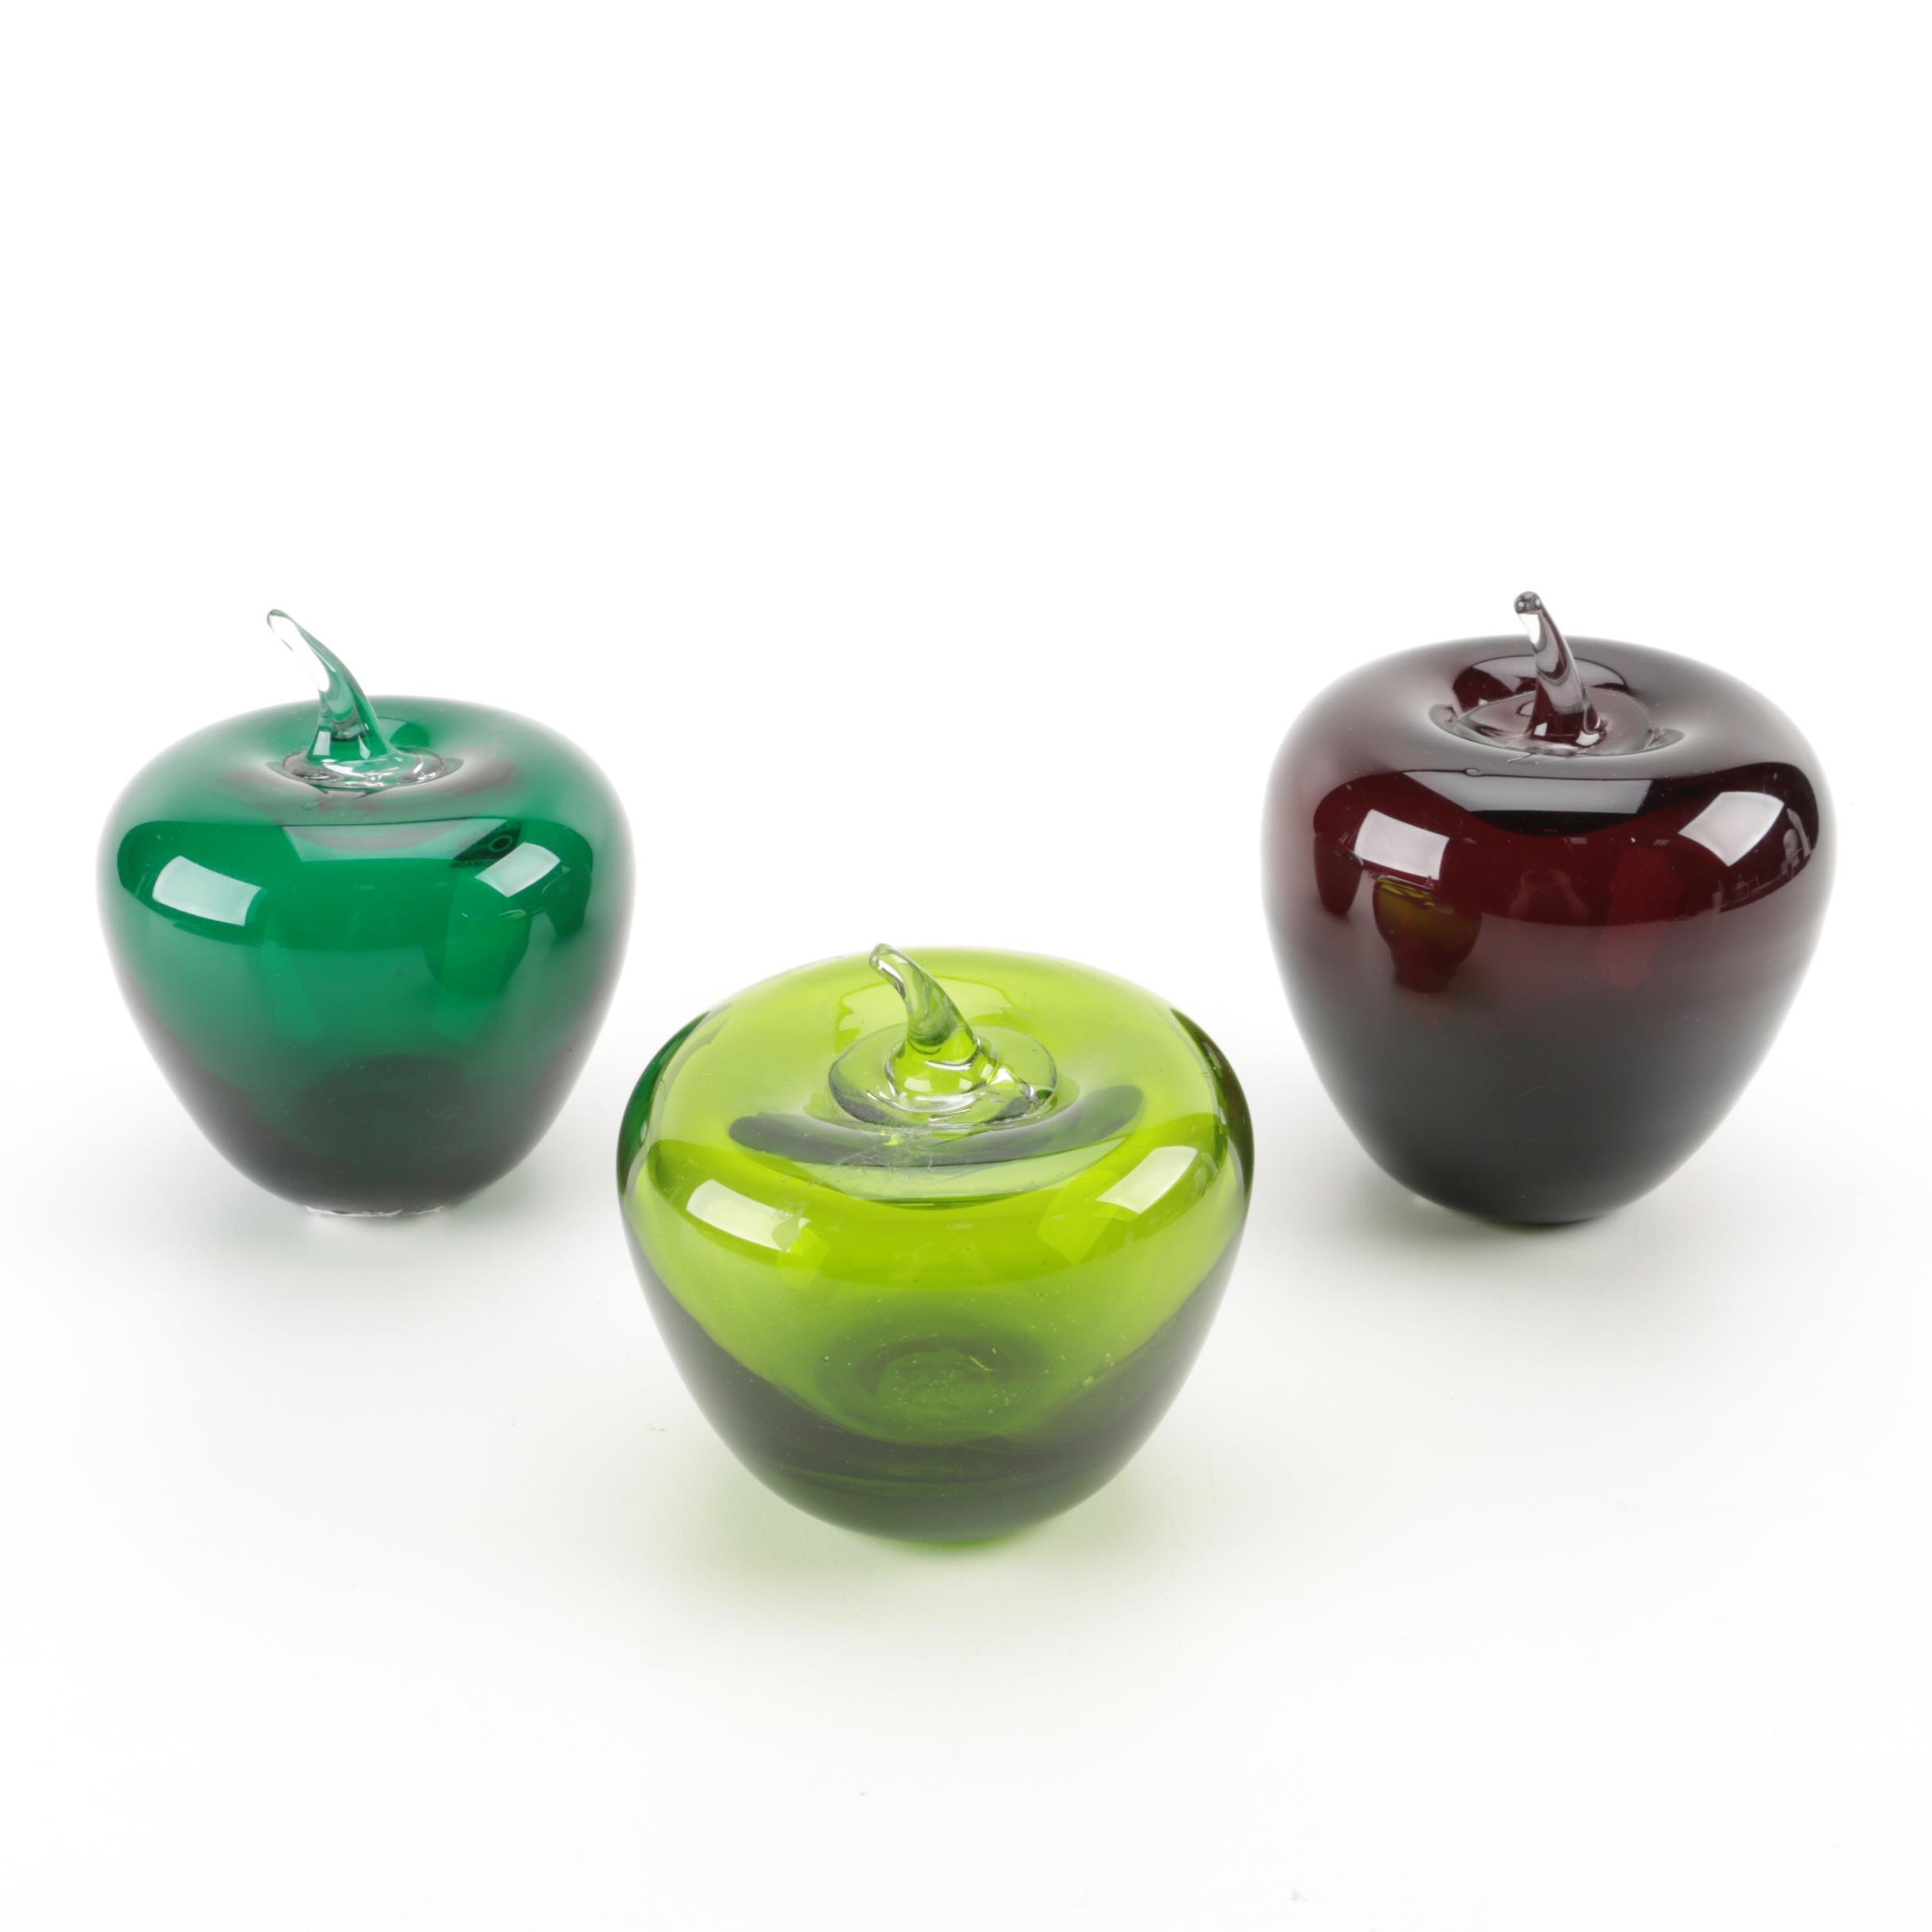 Blenko Glass Apples